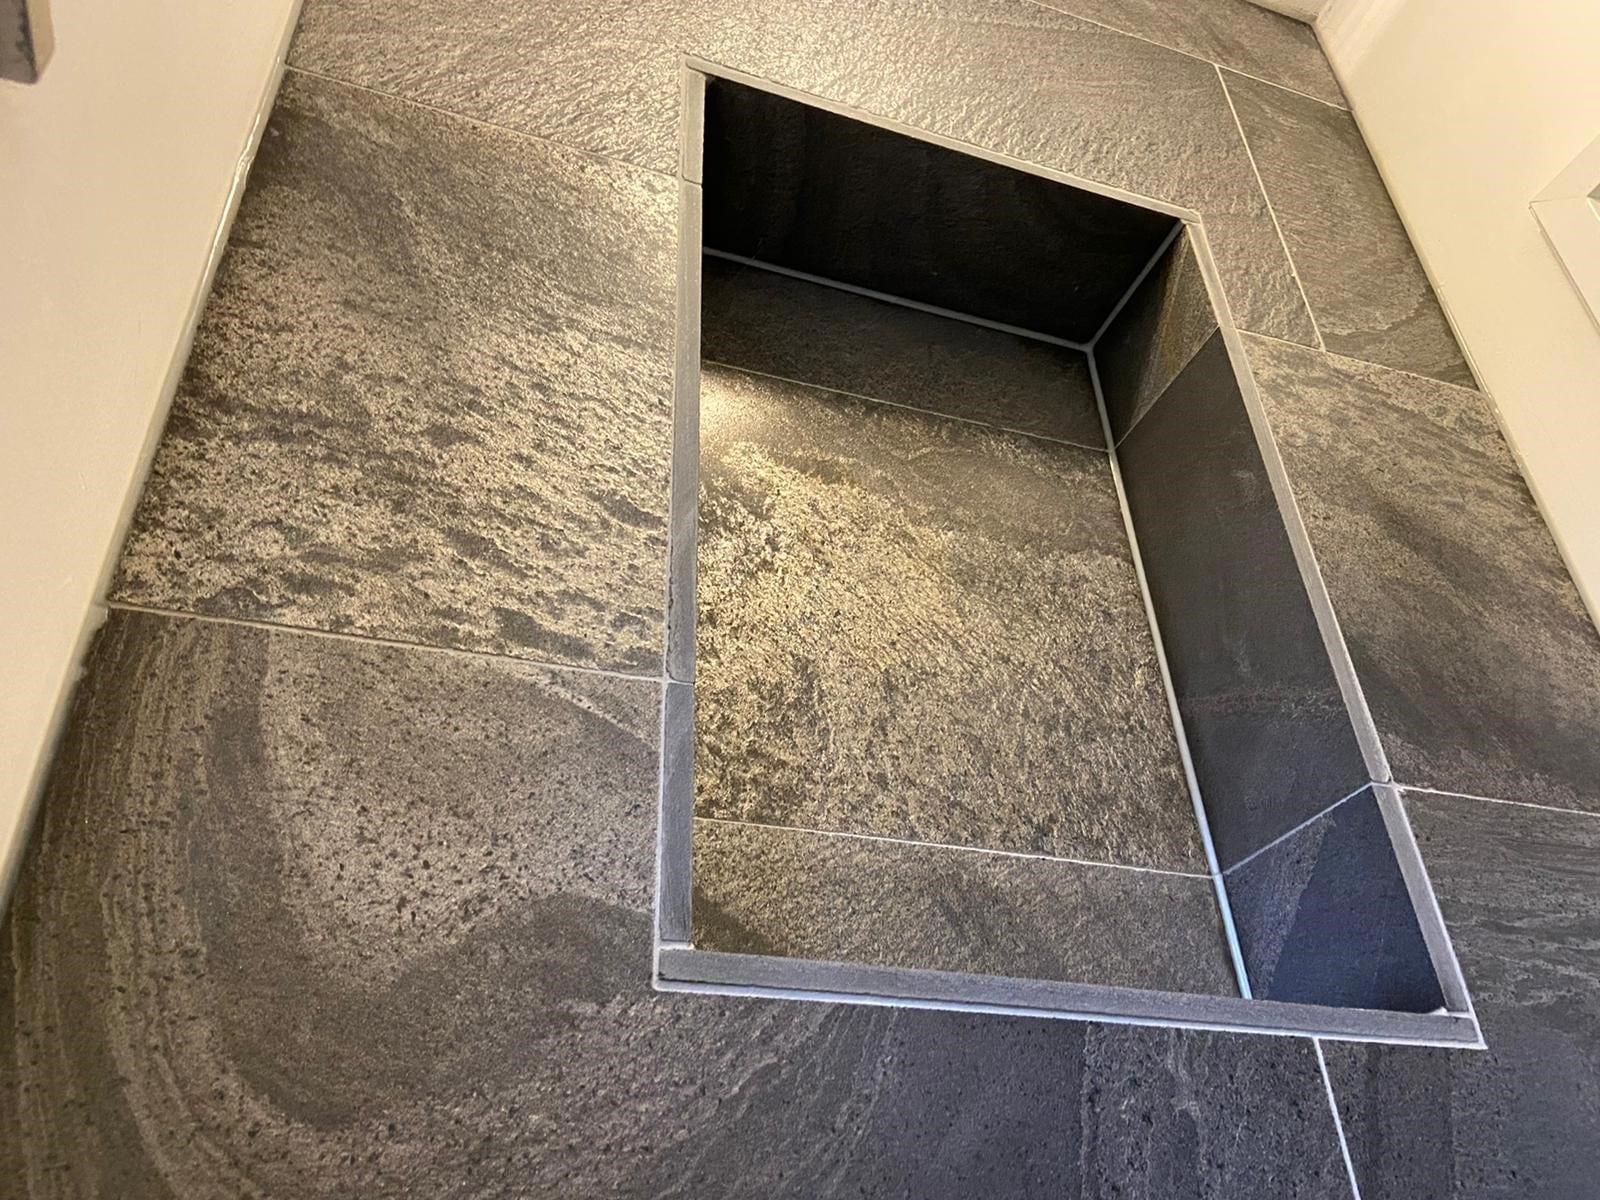 BUITENPOST – Natuursteen vloer- en wandtegels toilet